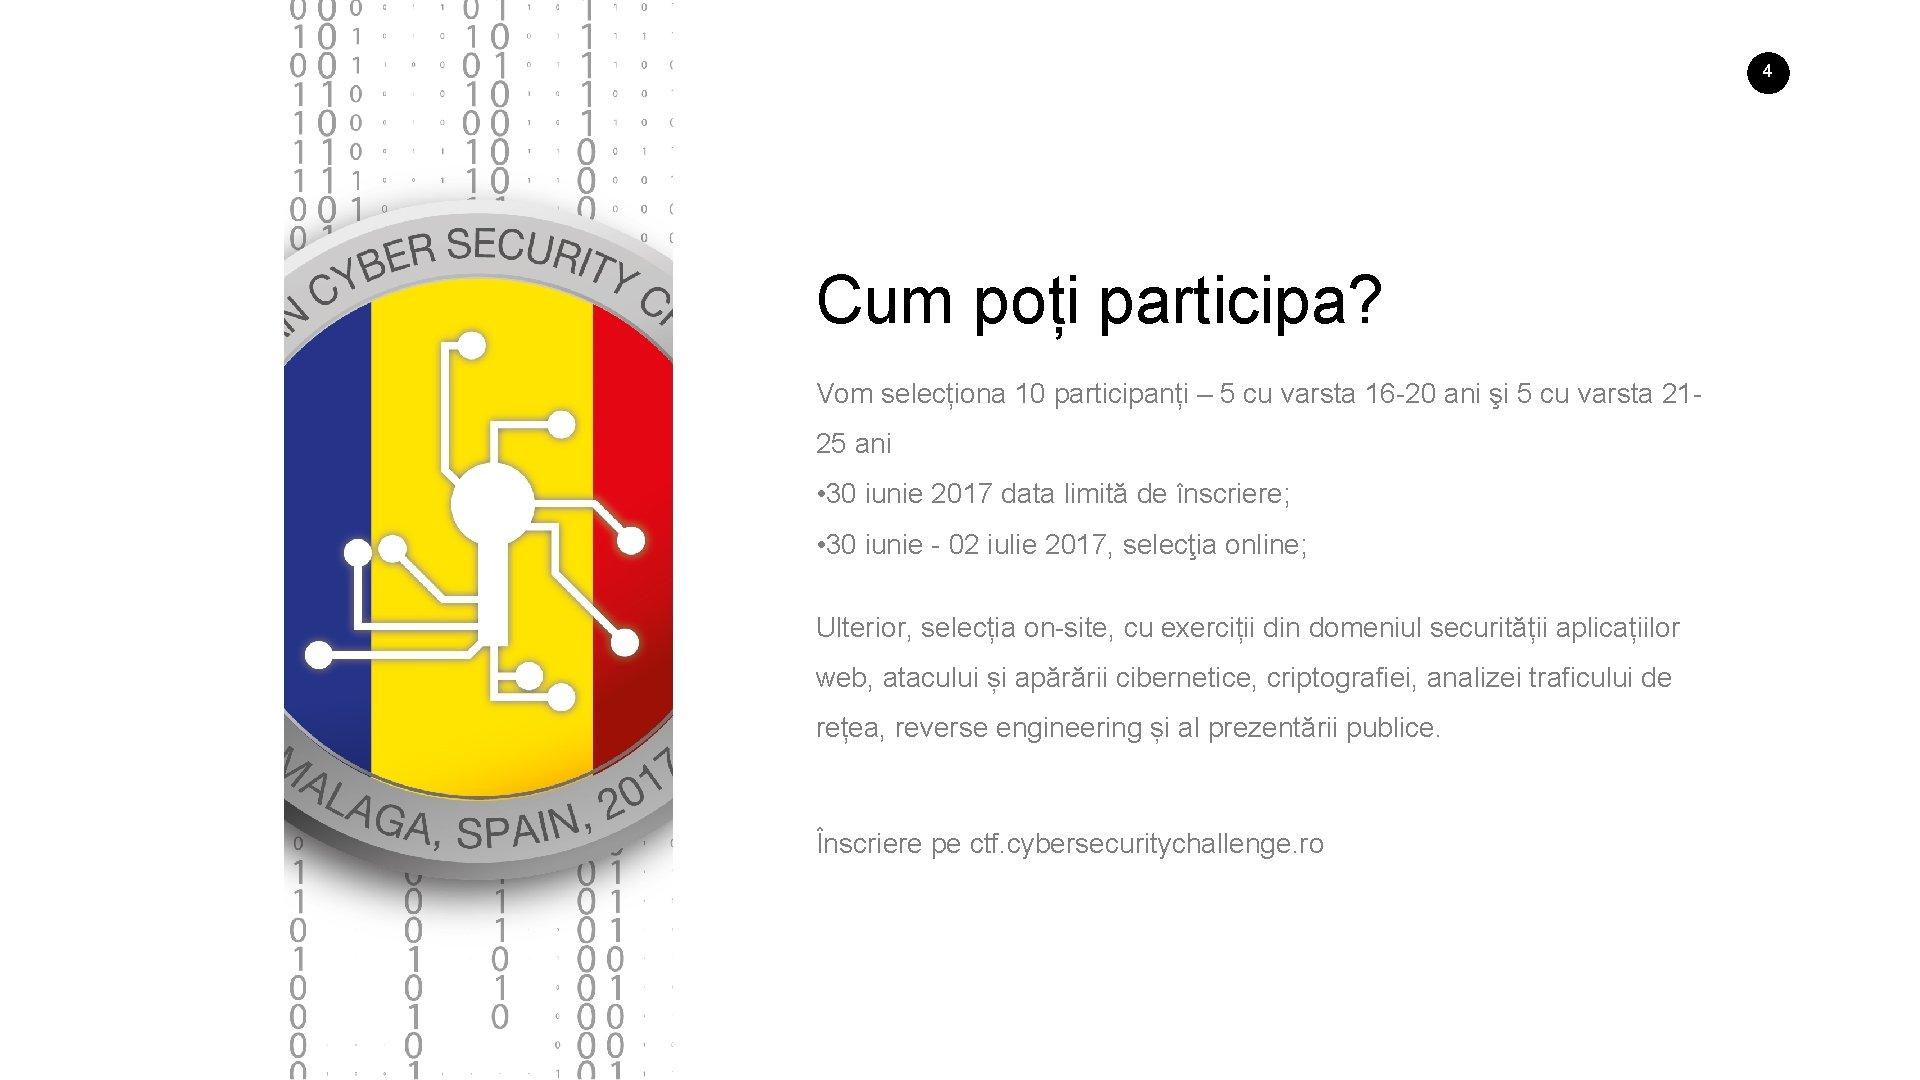 4 Cum poți participa? Vom selecționa 10 participanți – 5 cu varsta 16 -20